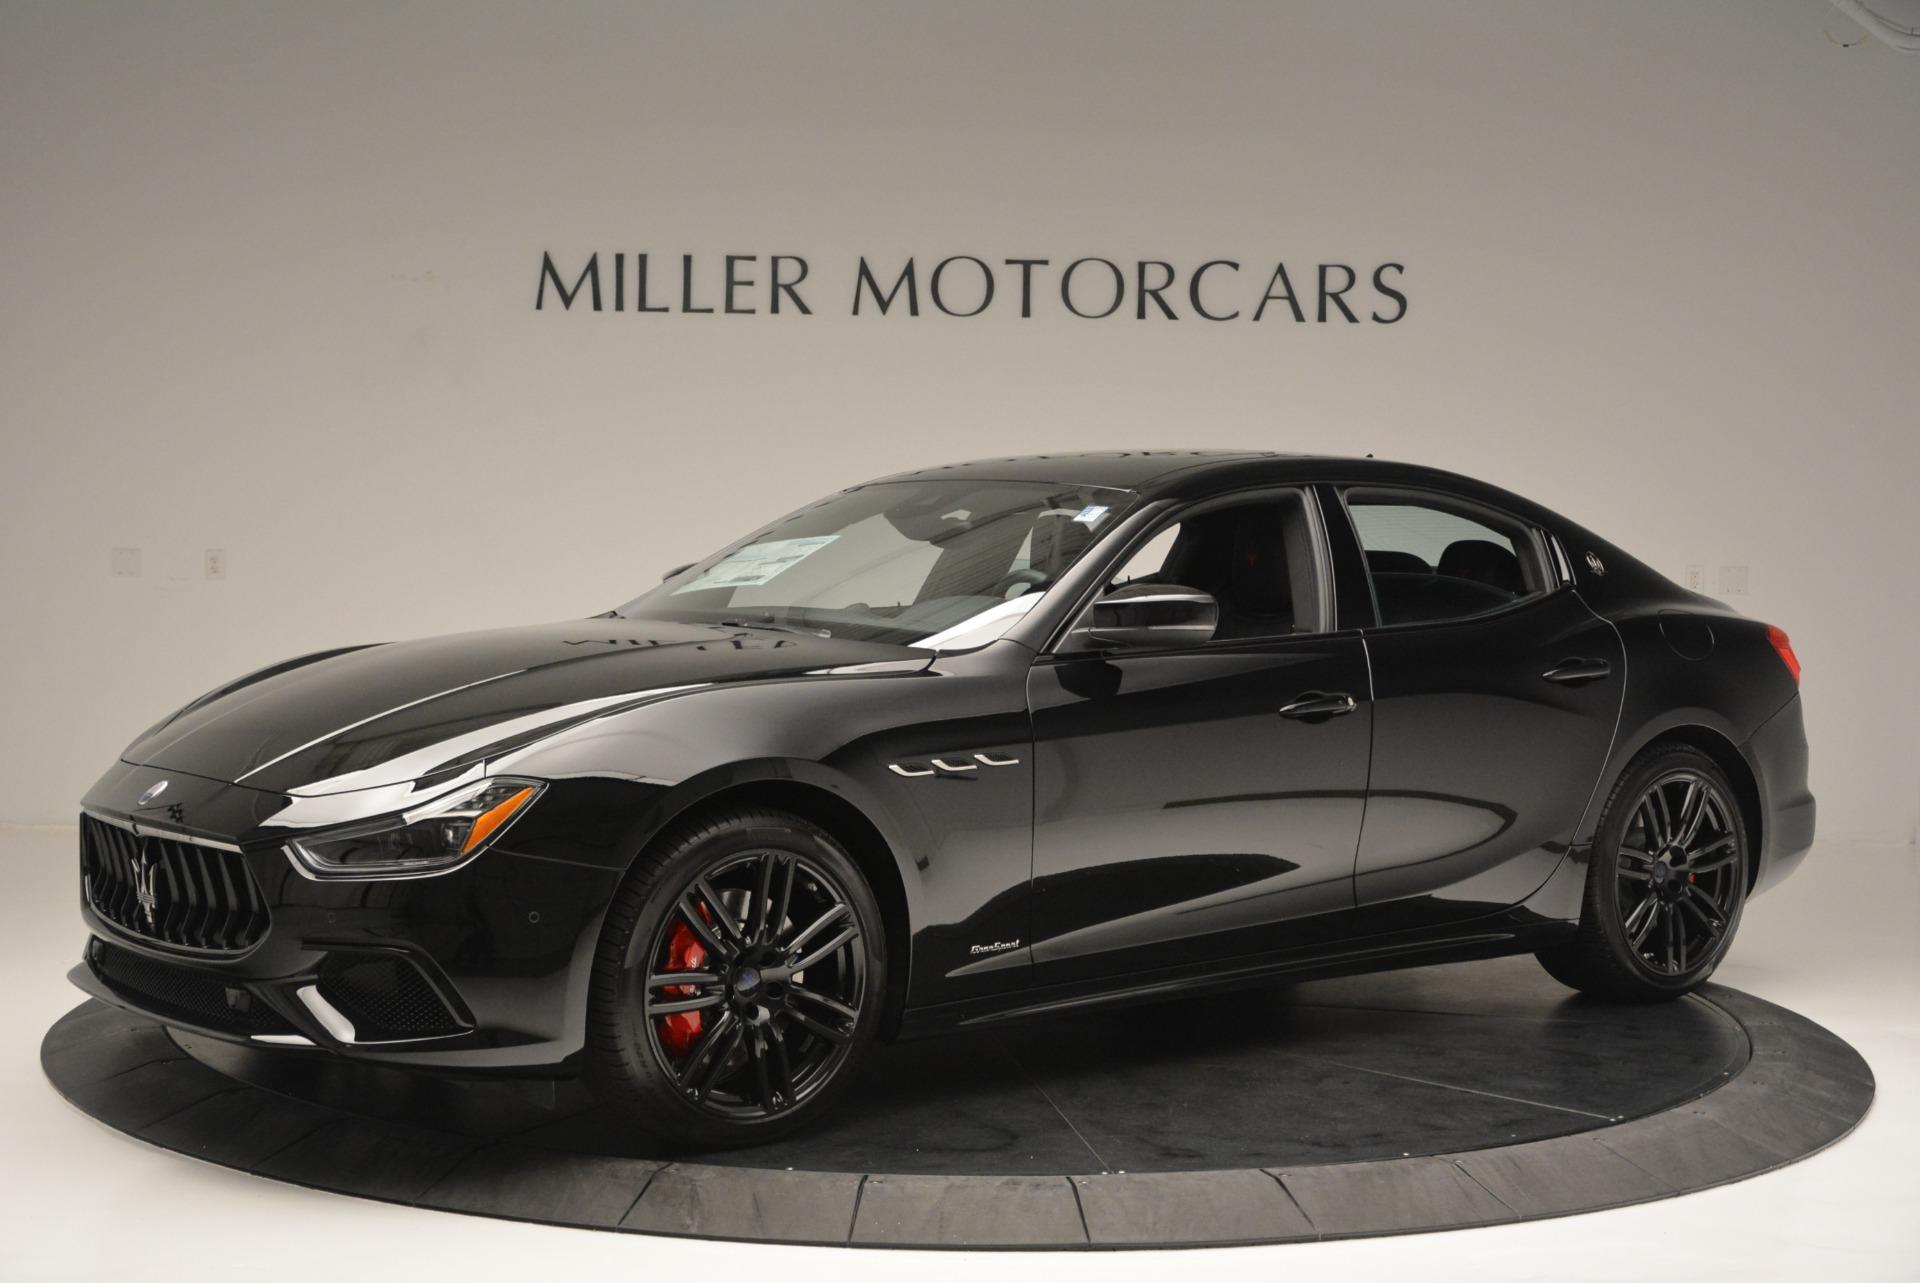 New 2018 Maserati Ghibli SQ4 GranSport Nerissimo For Sale In Greenwich, CT 2368_p2